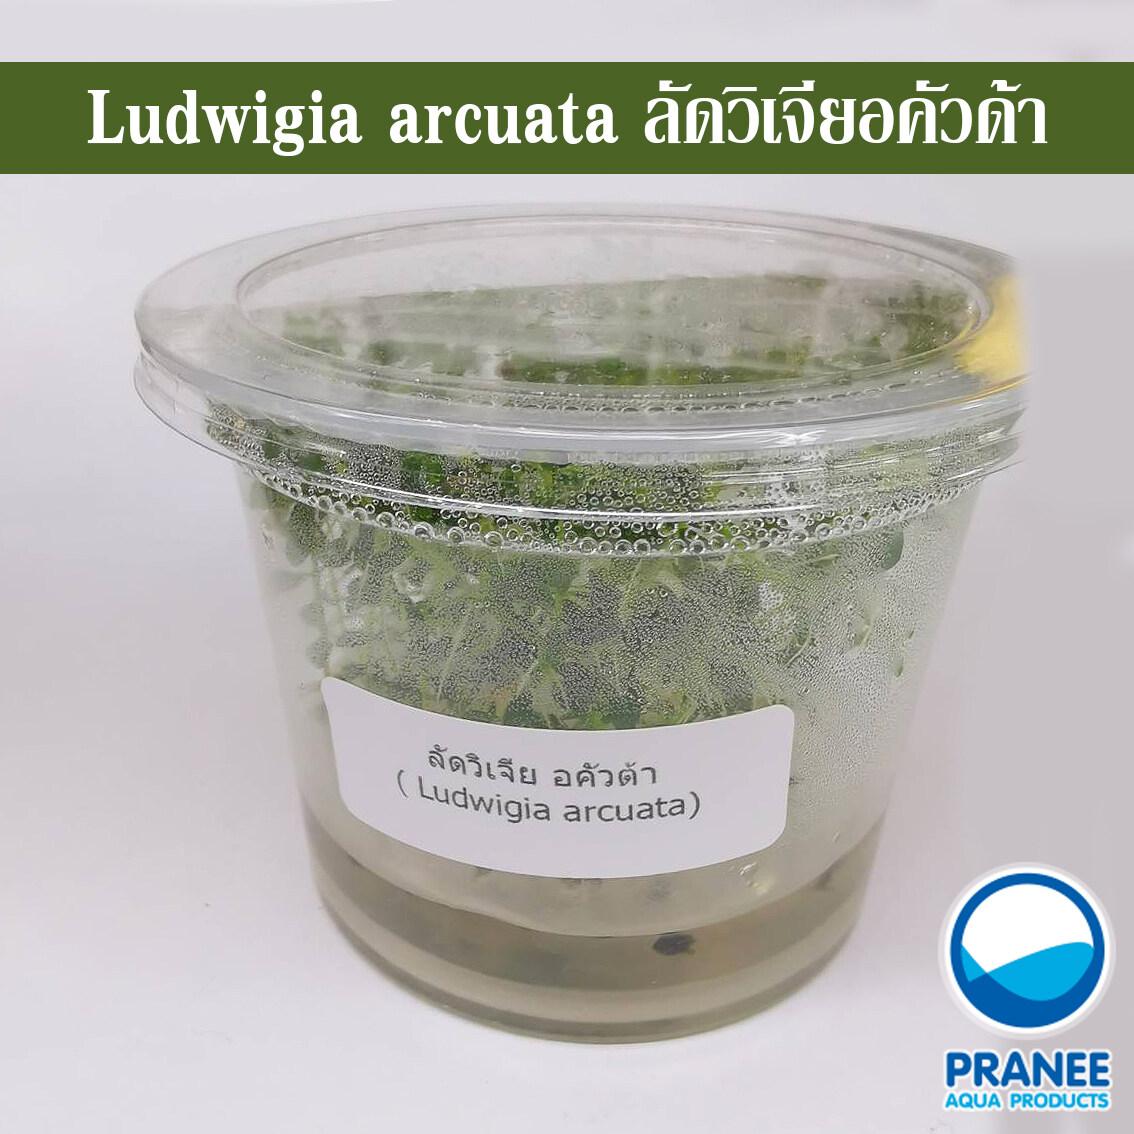 ลัดวิเจียอคัวด้า Ludwigia arcuada (เนื้อเยื่อ)